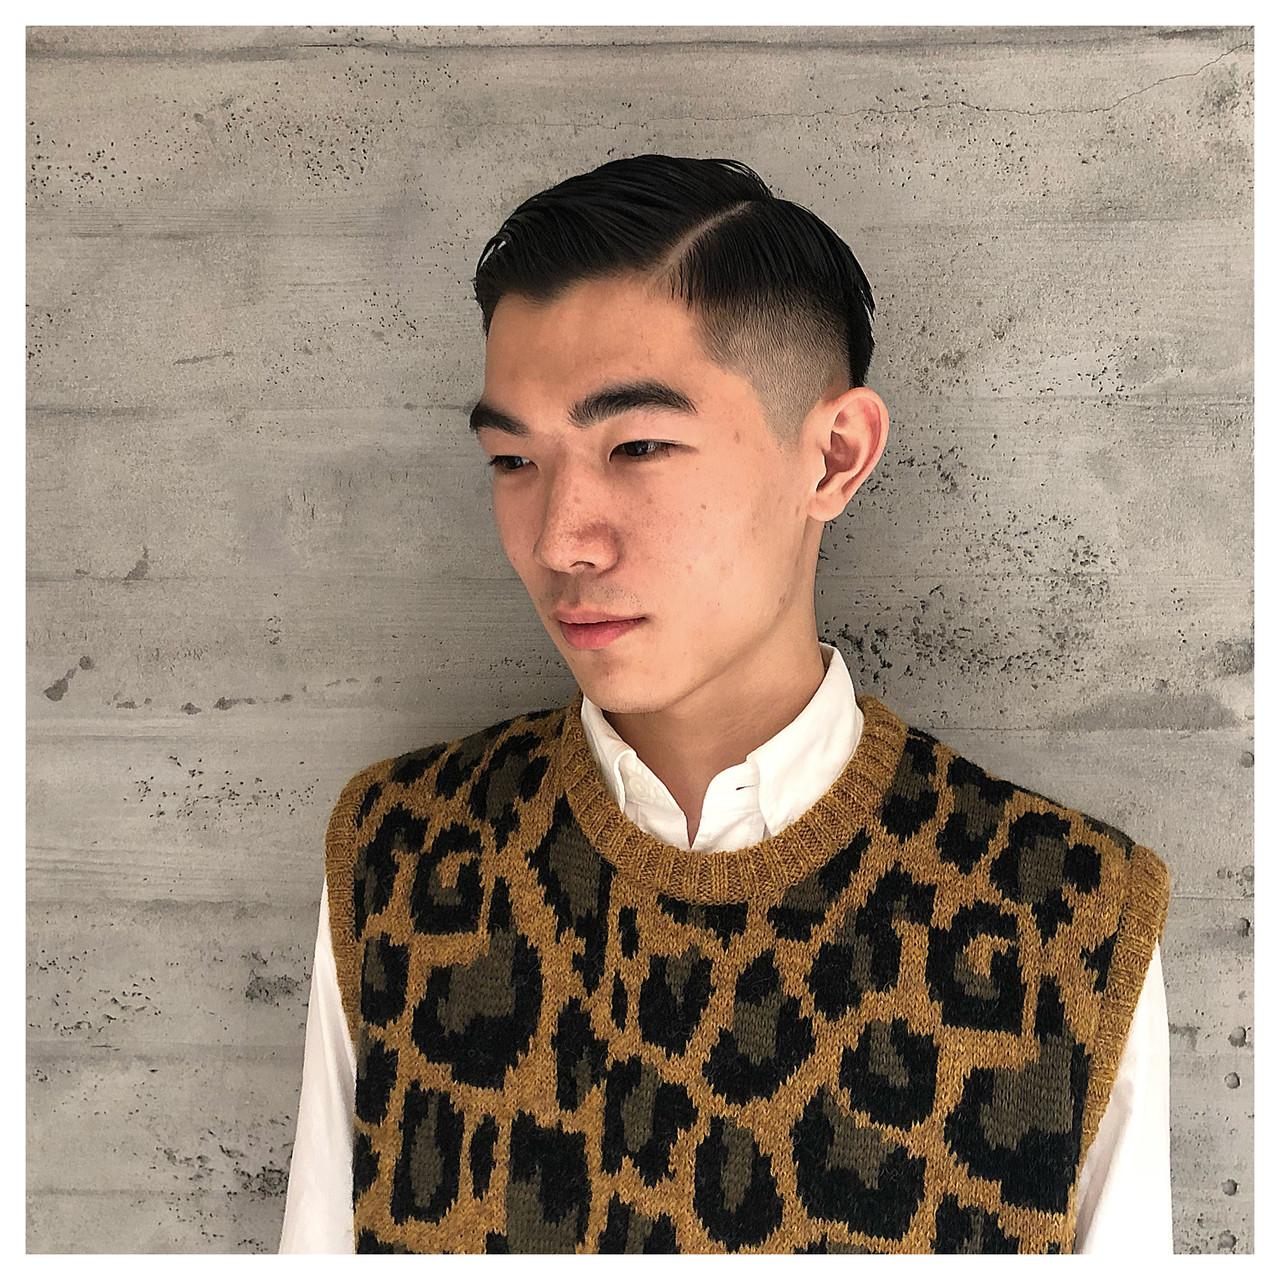 メンズ 大学生 ナチュラル ショートヘアスタイルや髪型の写真・画像